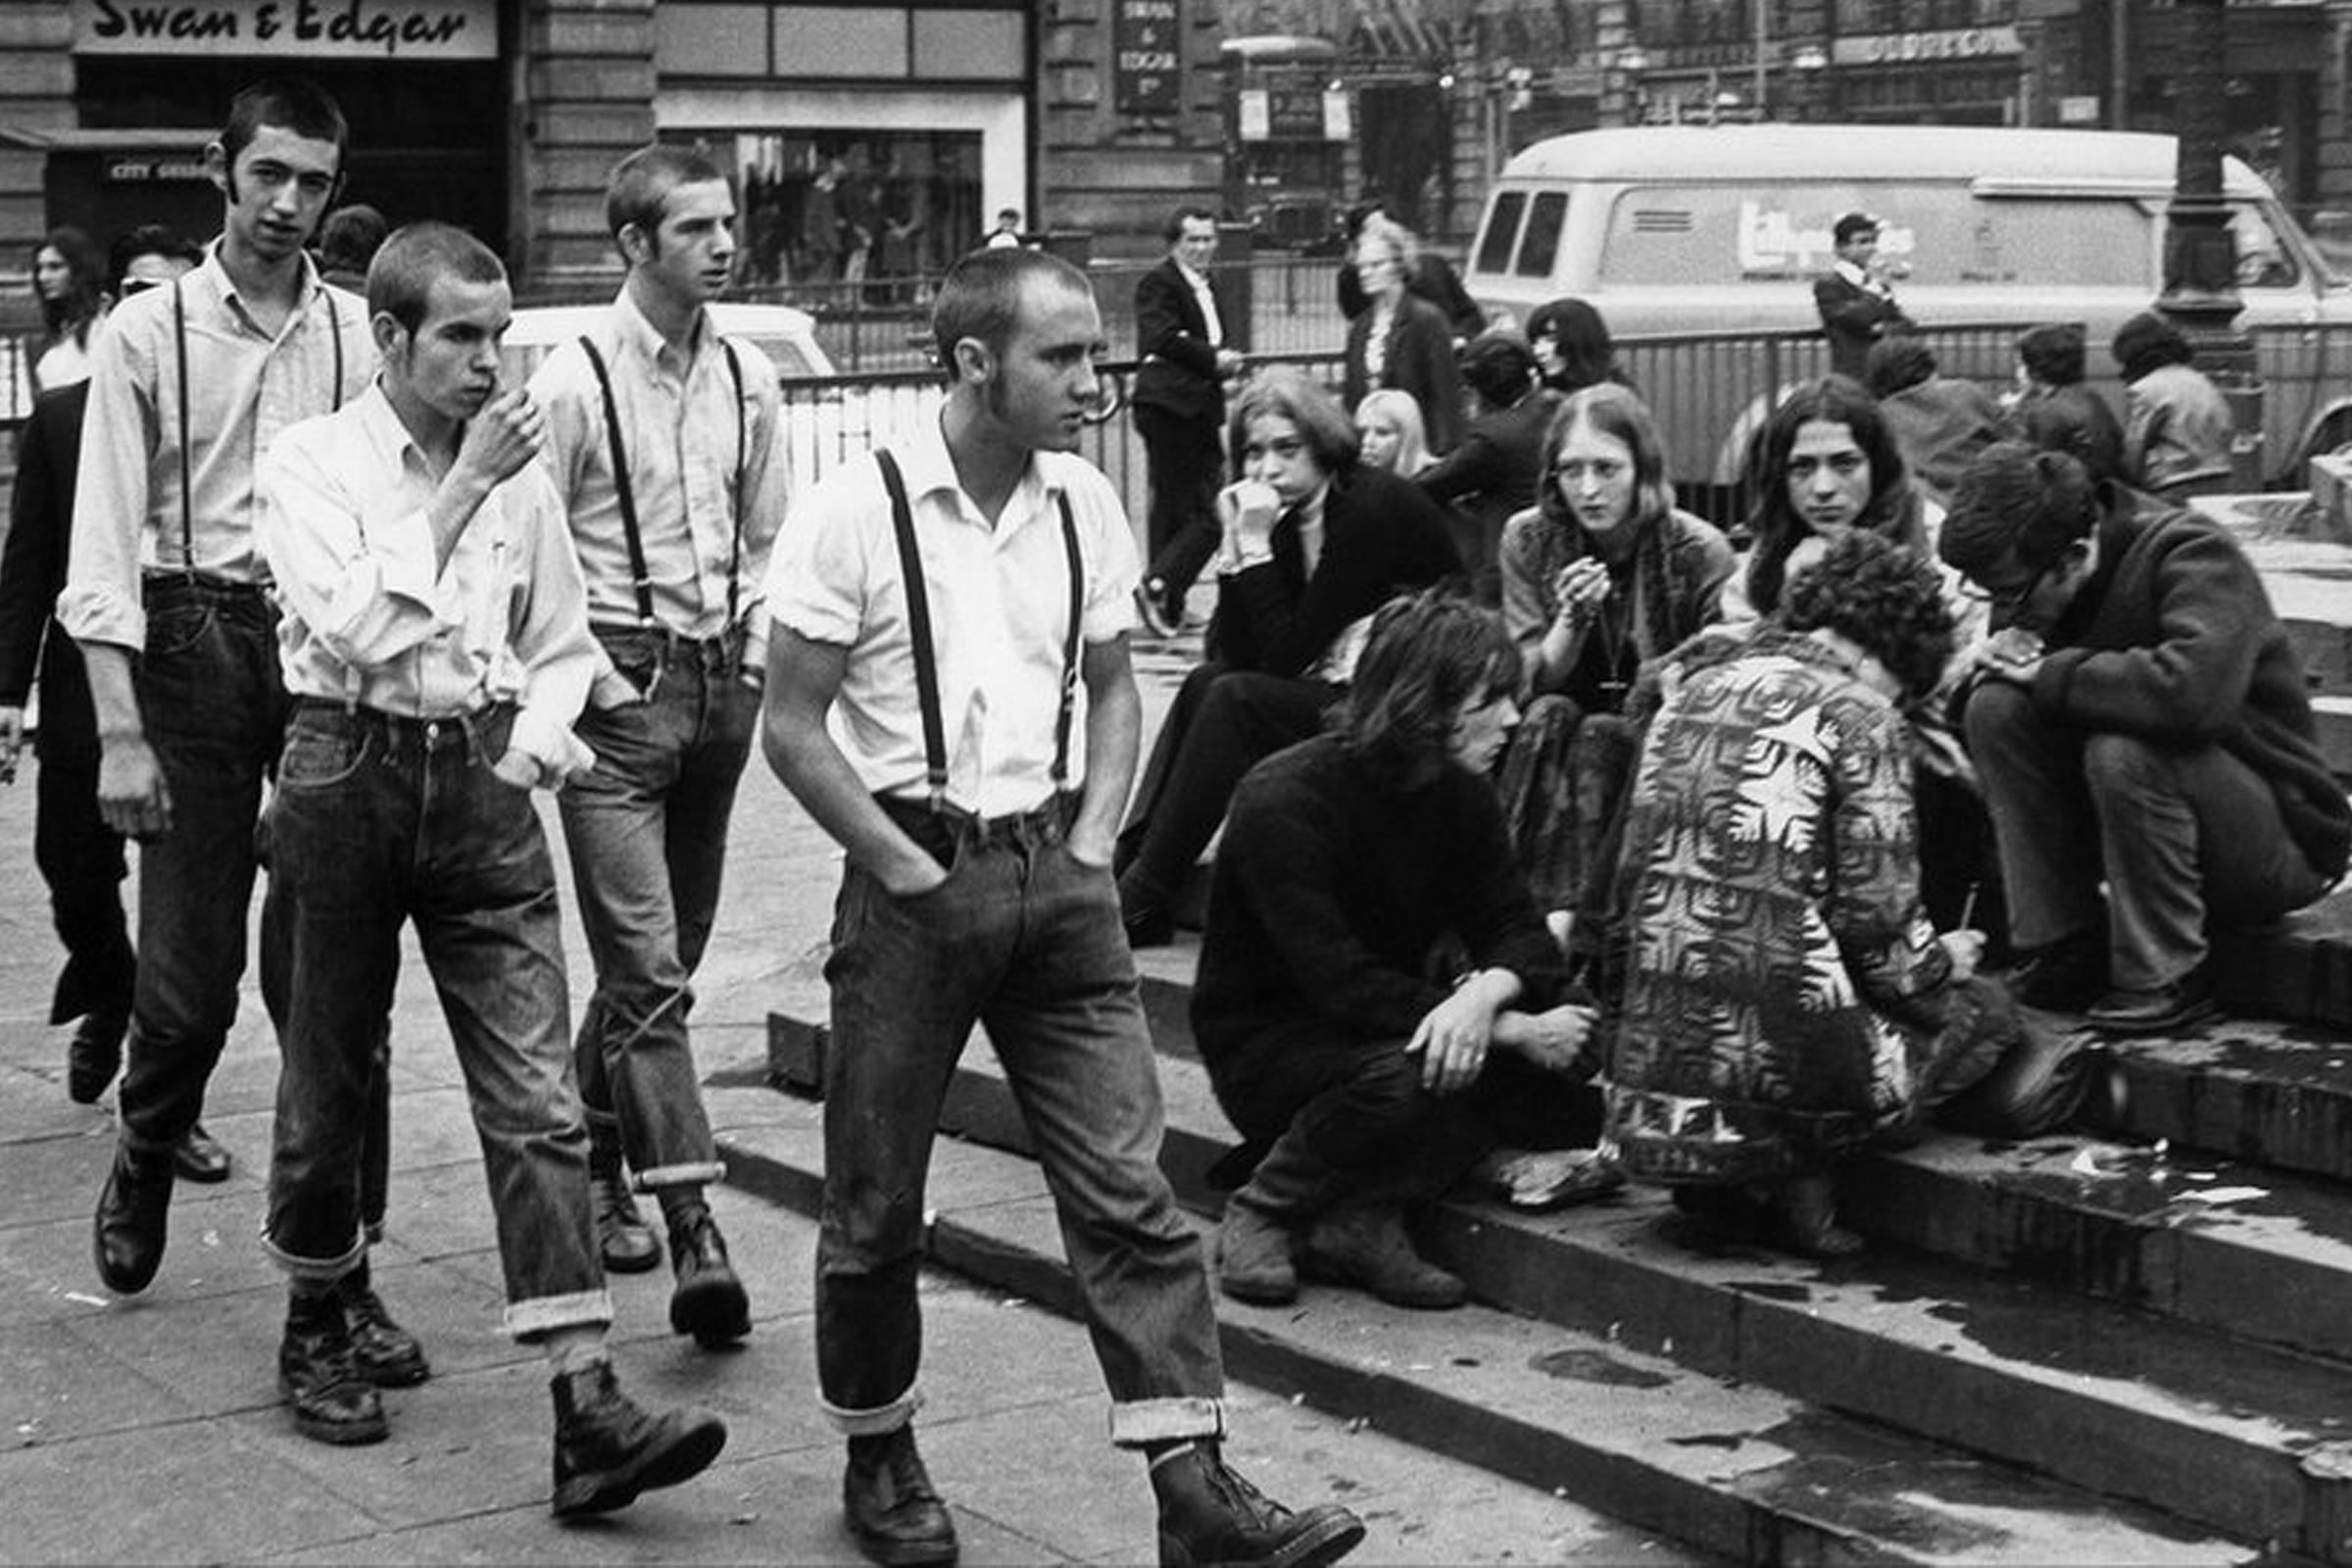 «На ступенях Эроса», фото Терри Спенсера. Скинхеды и хиппи на Пикадилли-стрит в 1969 году